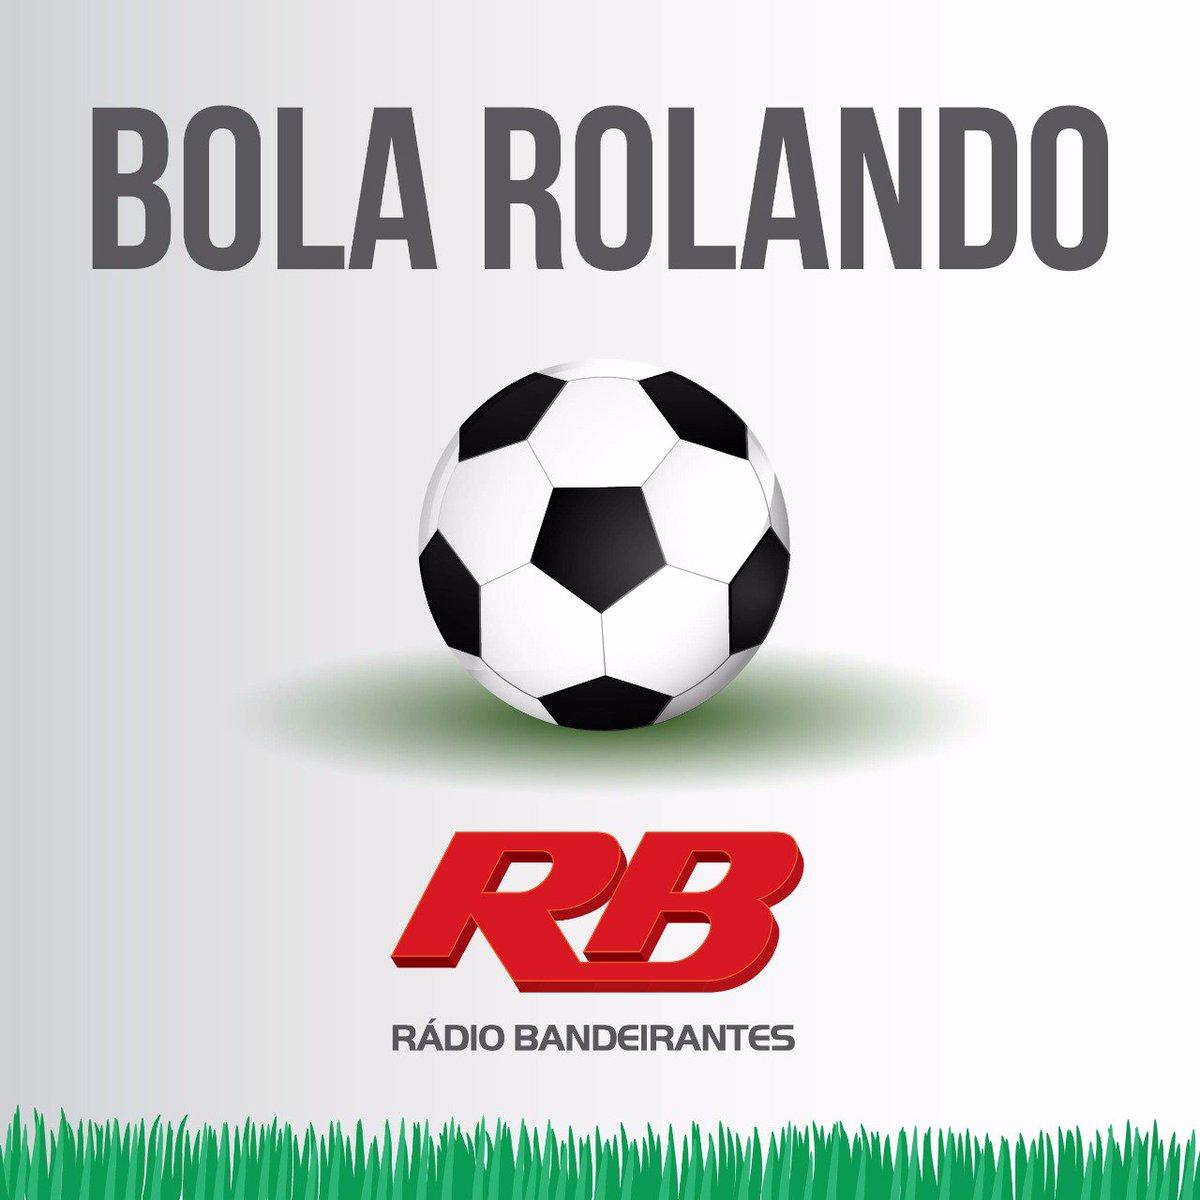 ⚽ 16' 1°T:  São Paulo quase abre o placar no Morumbi. Por enquanto 0 x 0 ! Acompanhe pelo twitter da Rádio Bandeirantes!